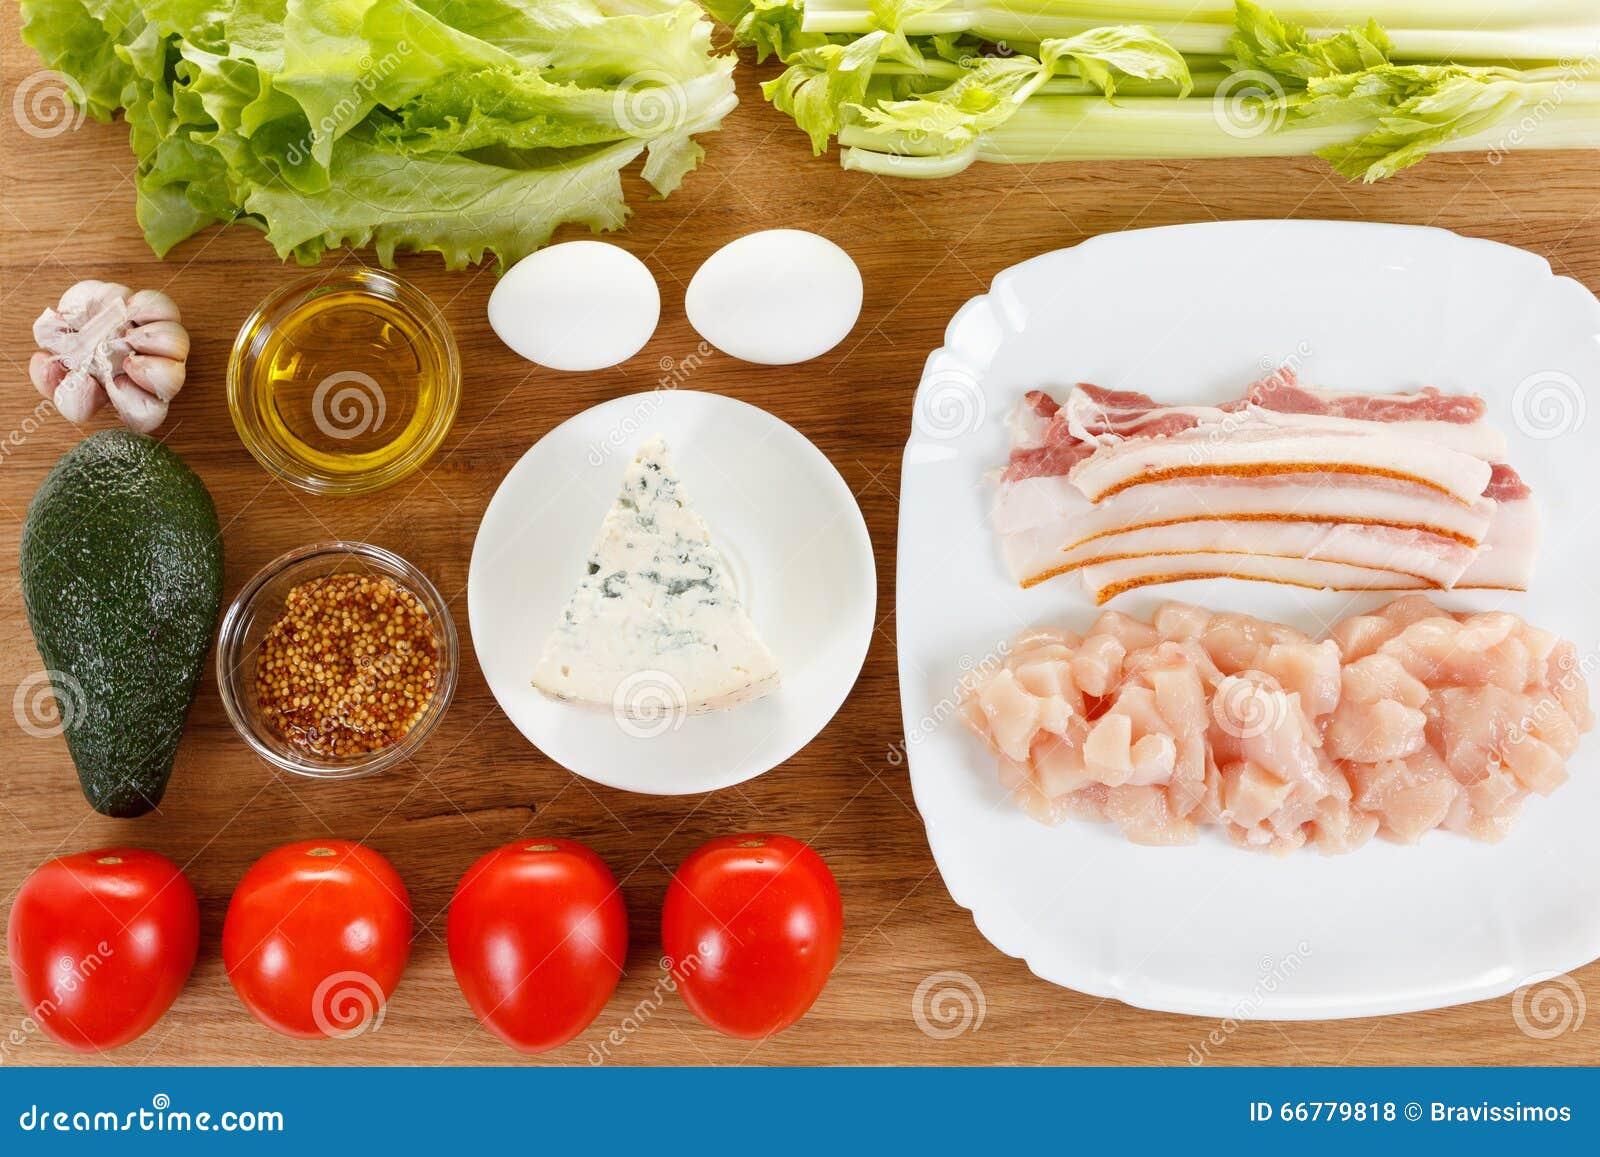 Ingredientes para cocinar la ensalada tradicional de Cobb del americano